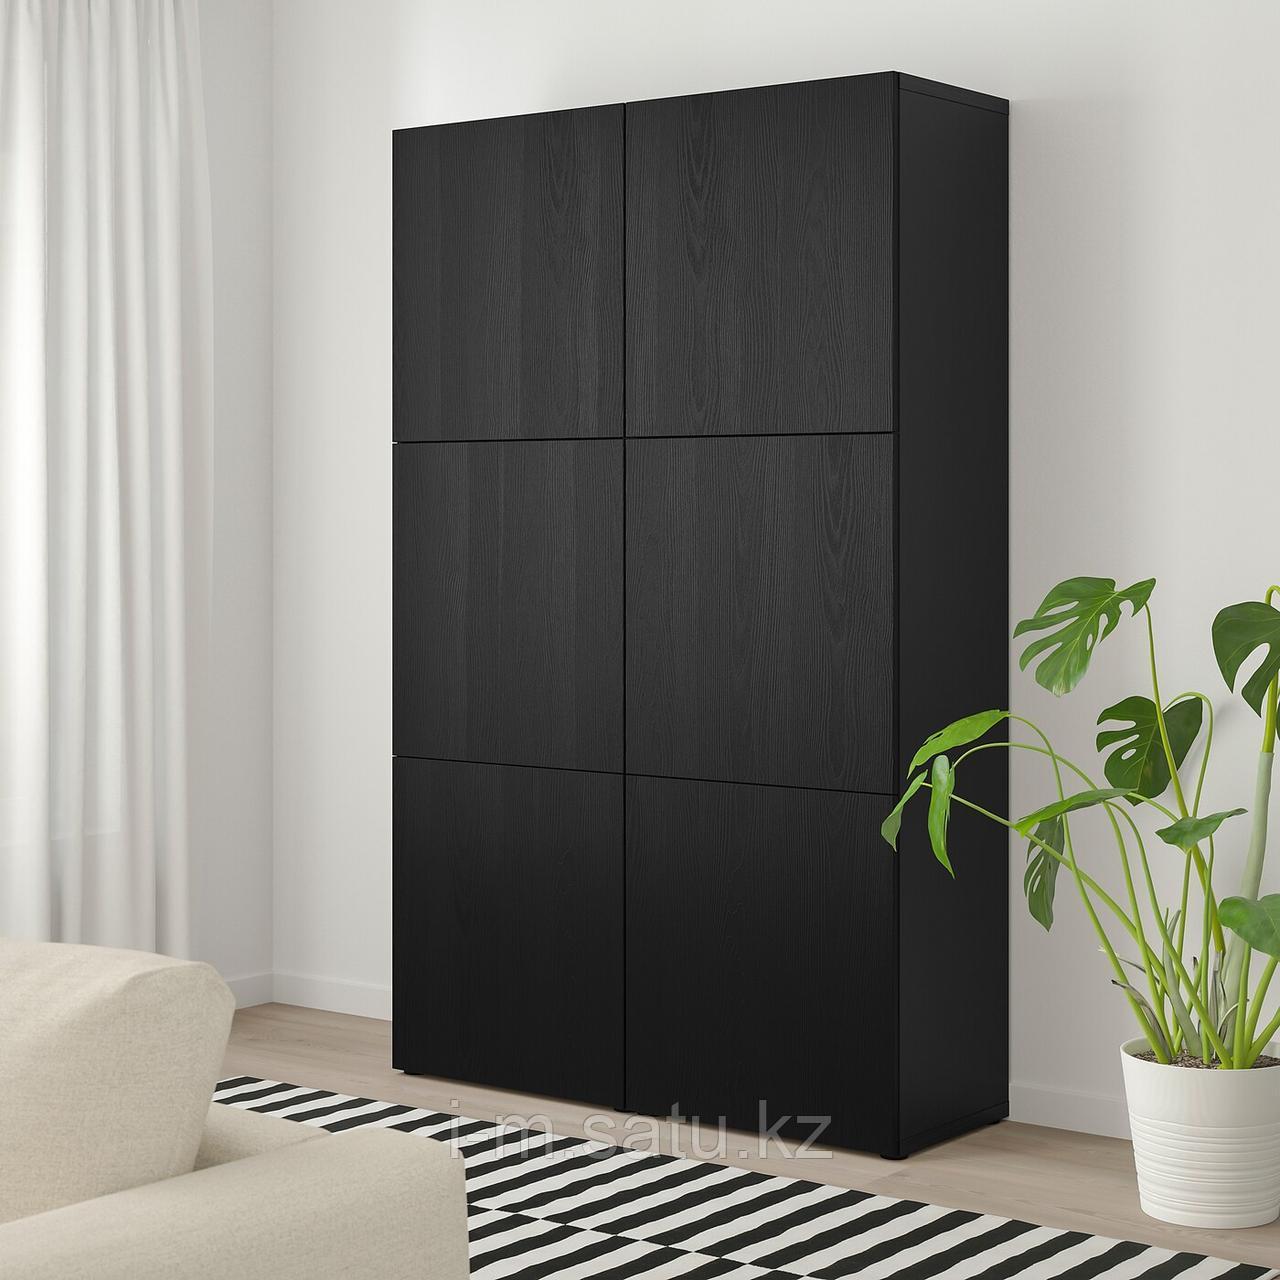 БЕСТО Комбинация для хранения с дверцами, черно-коричневый, тиммервикен черный, 120x42x192 см